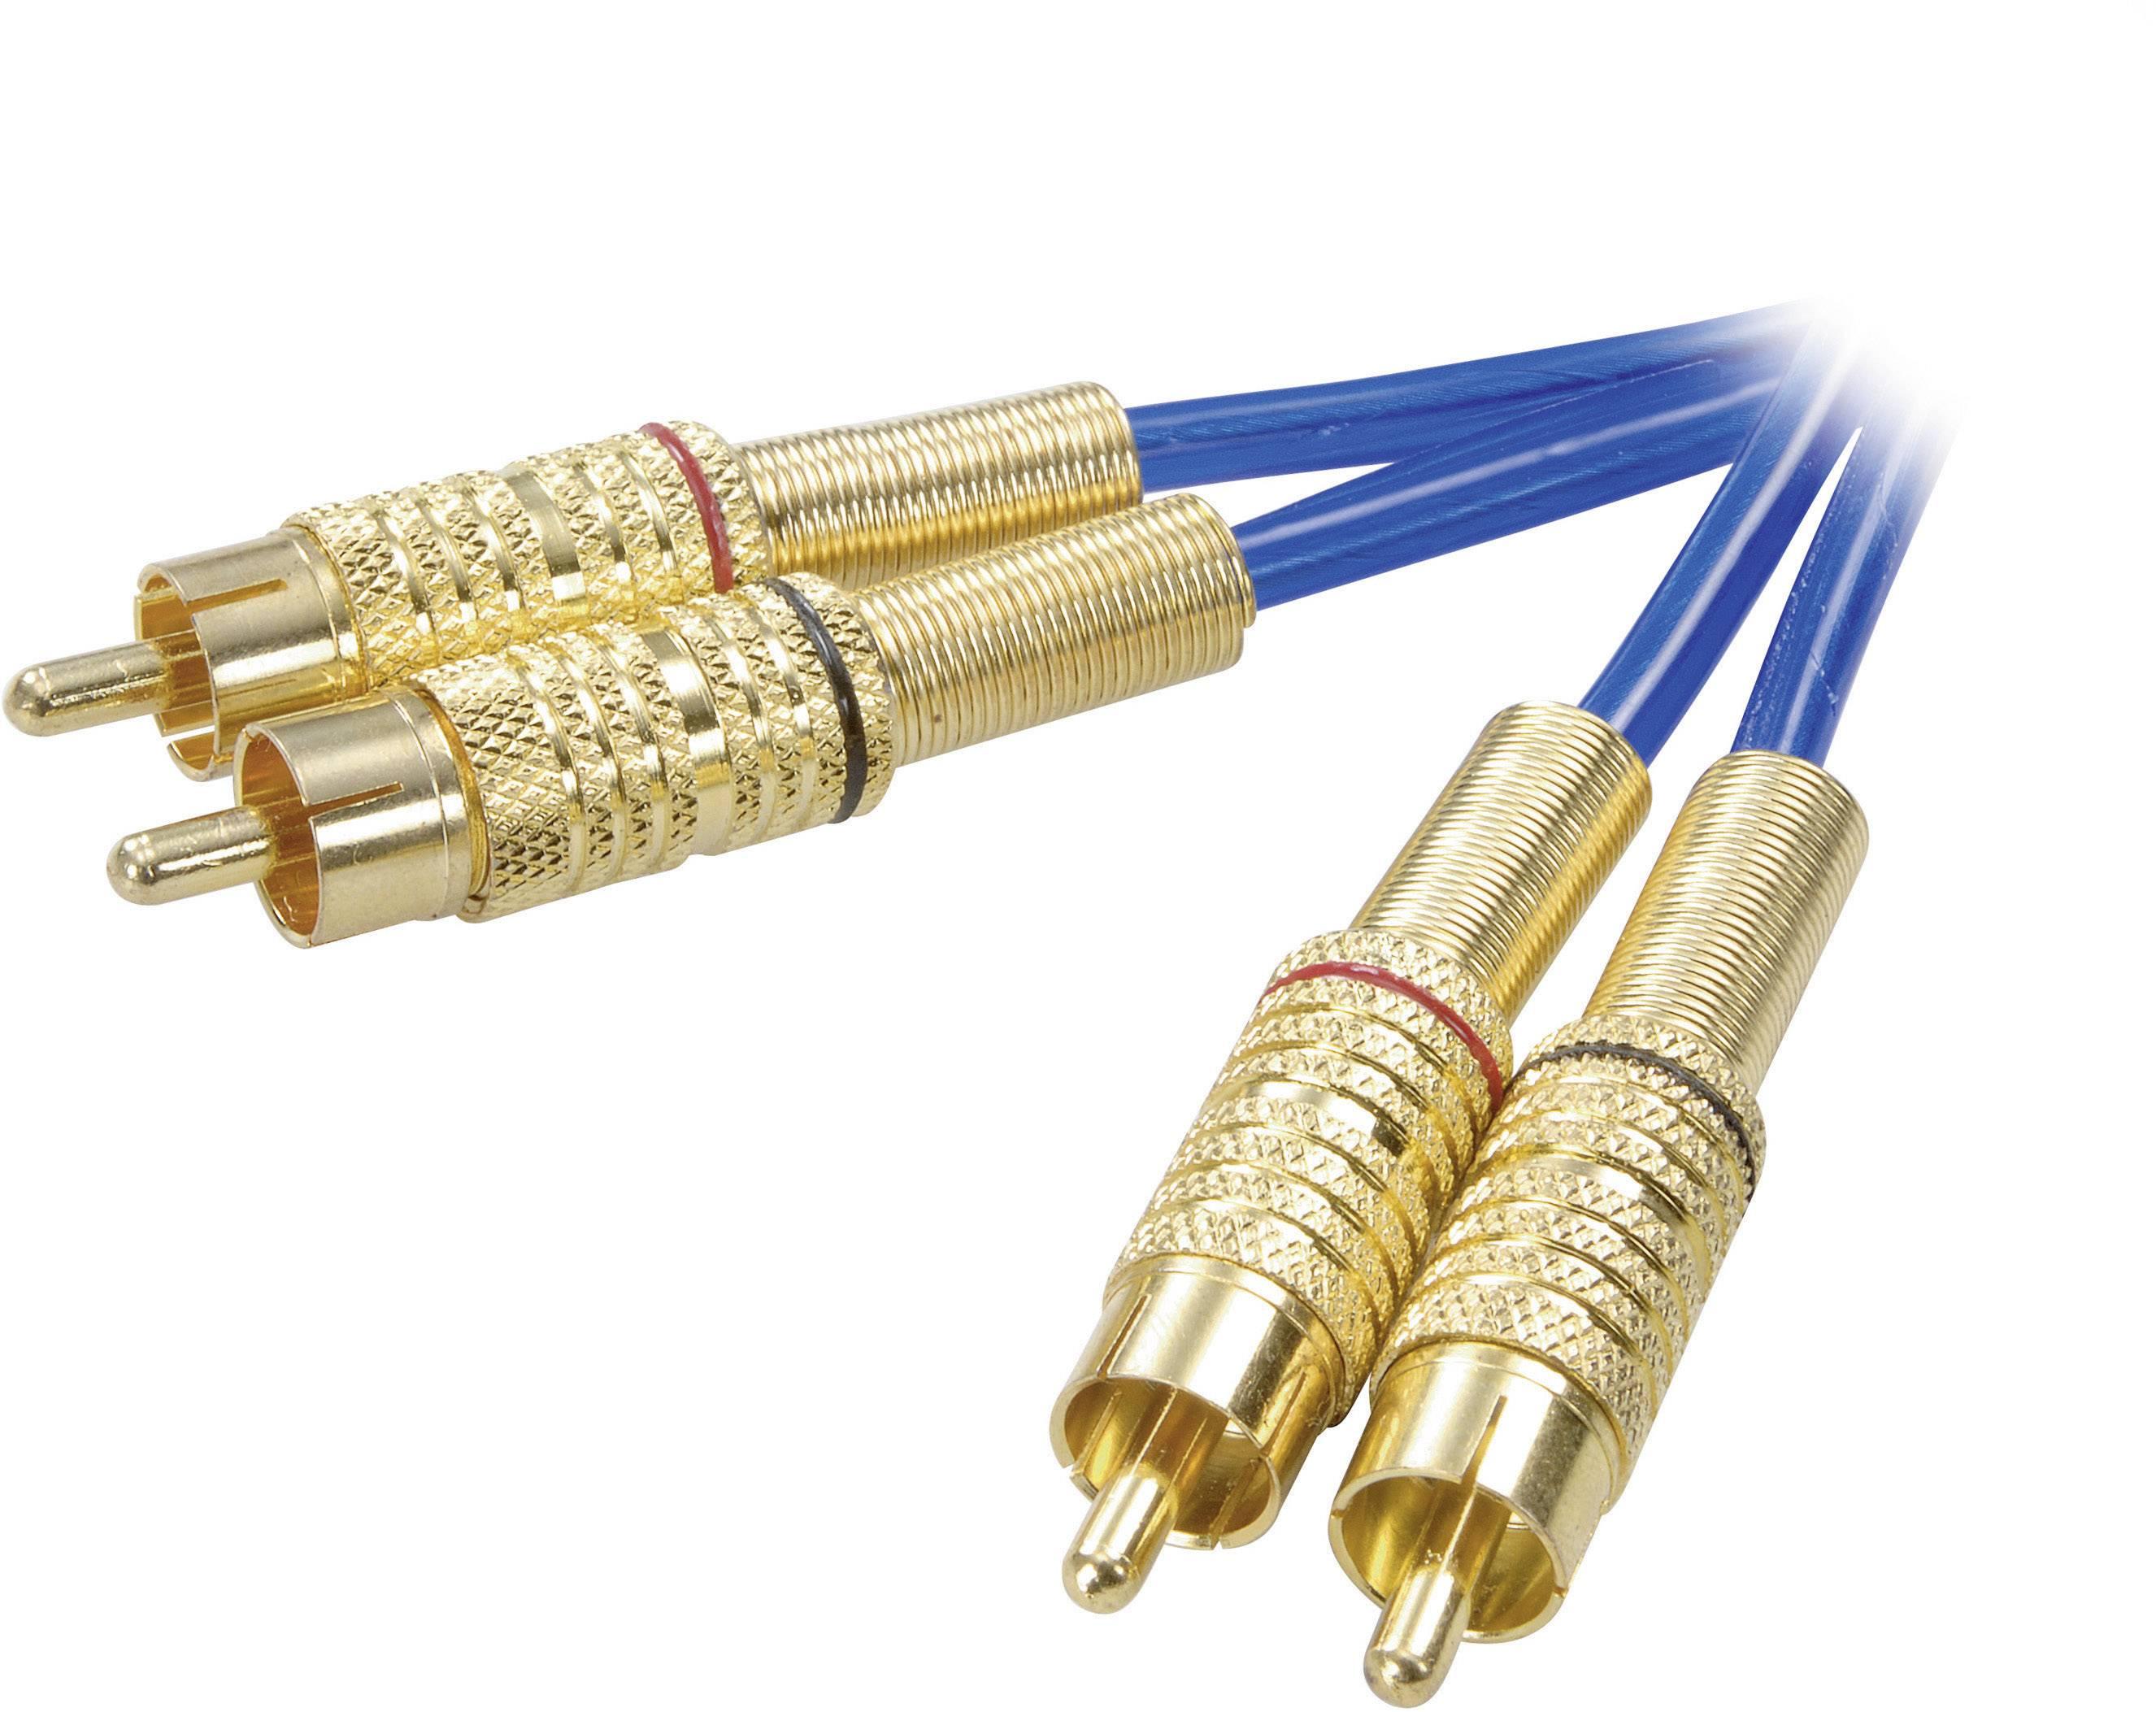 Cinch audio kábel SpeaKa Professional SP-1300156, 10 m, modrá